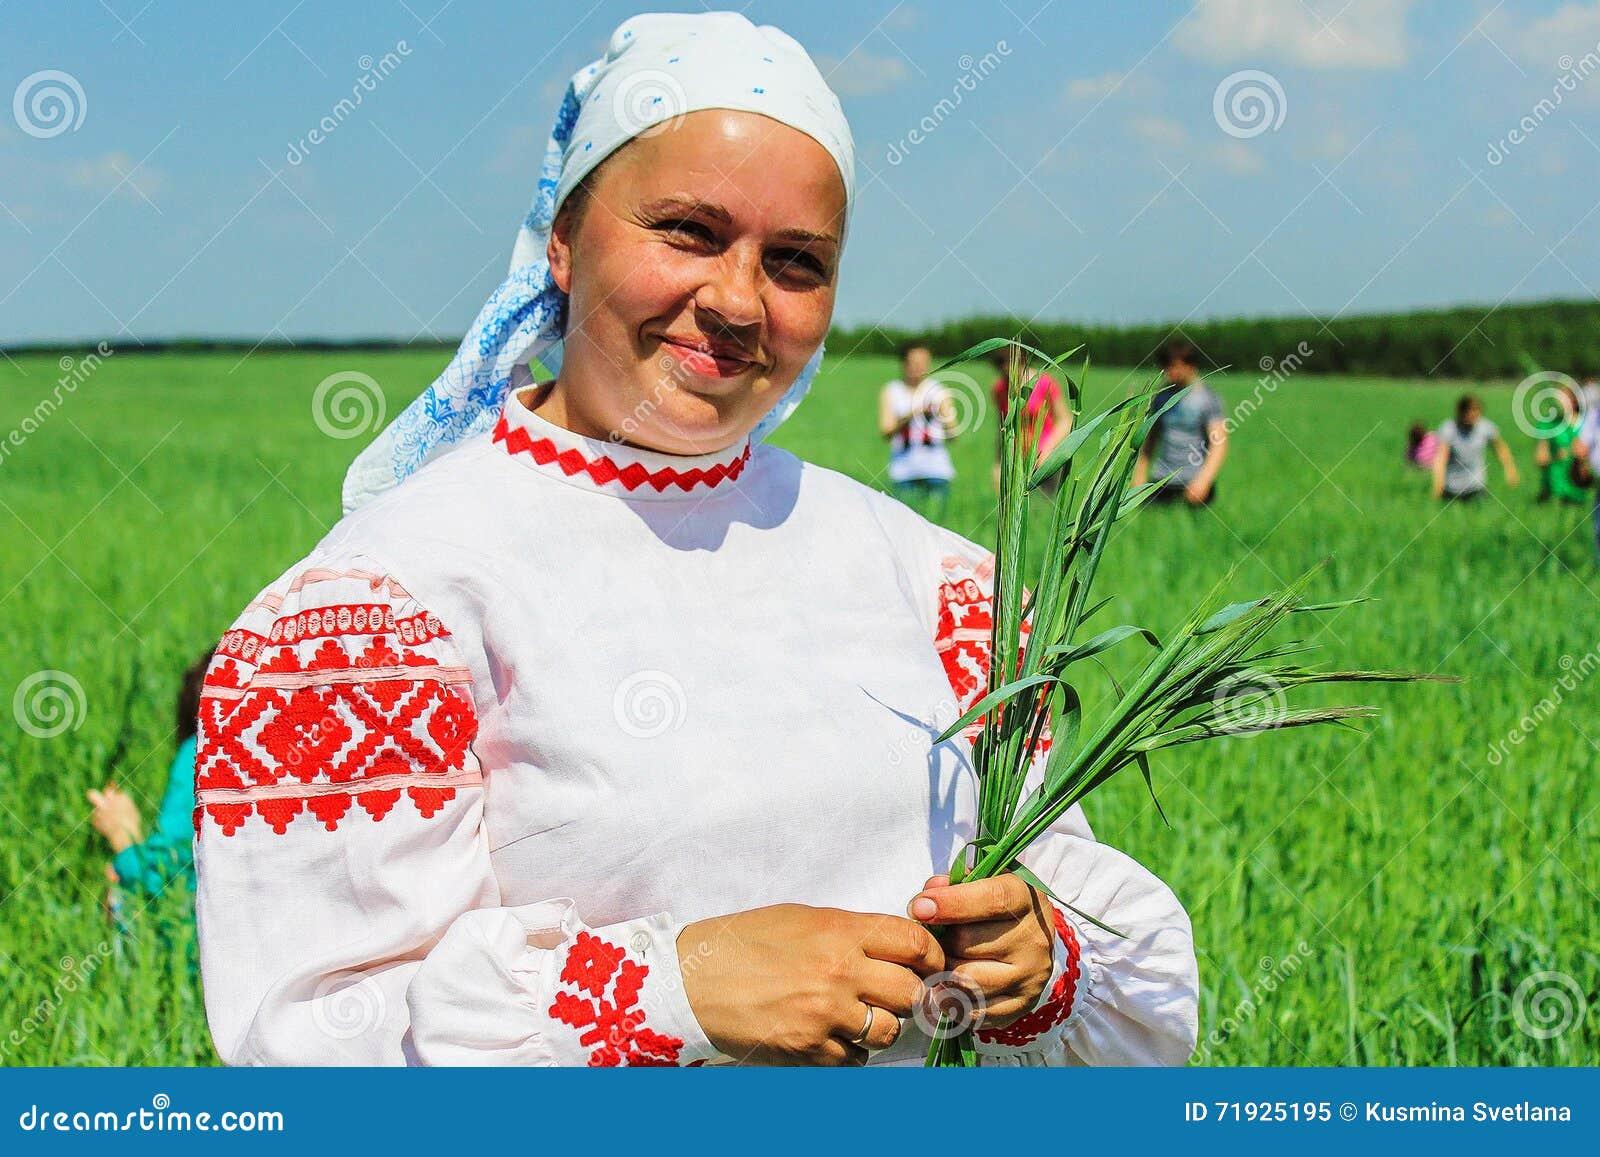 Фольклорные ритуалы производят улучшения в зоне Gomel Республики Беларусь в 2015